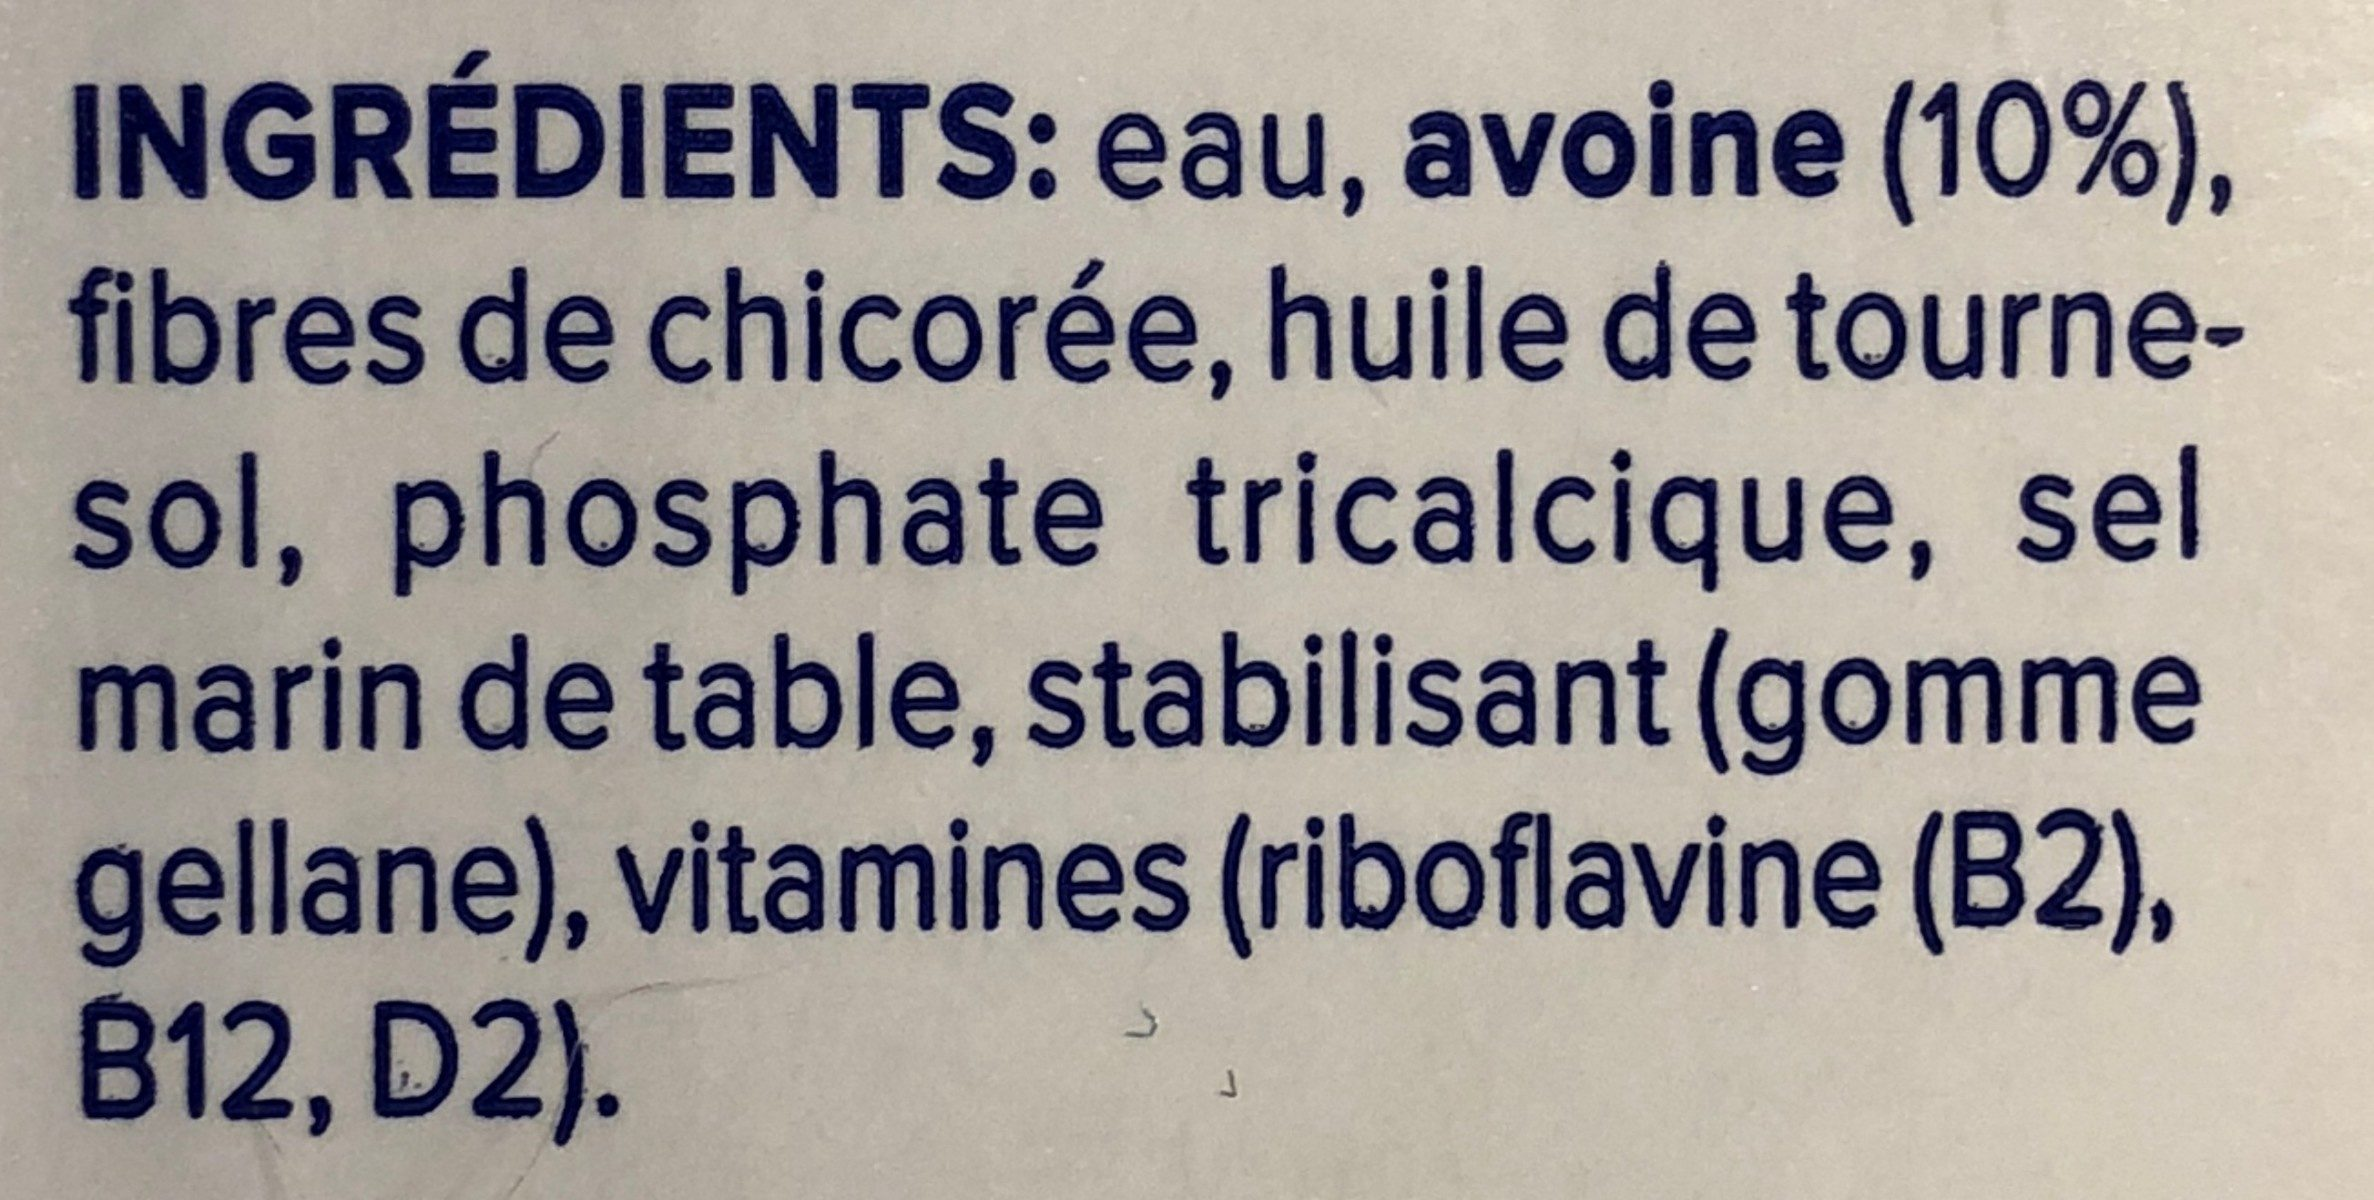 Avoine original - Ingrediënten